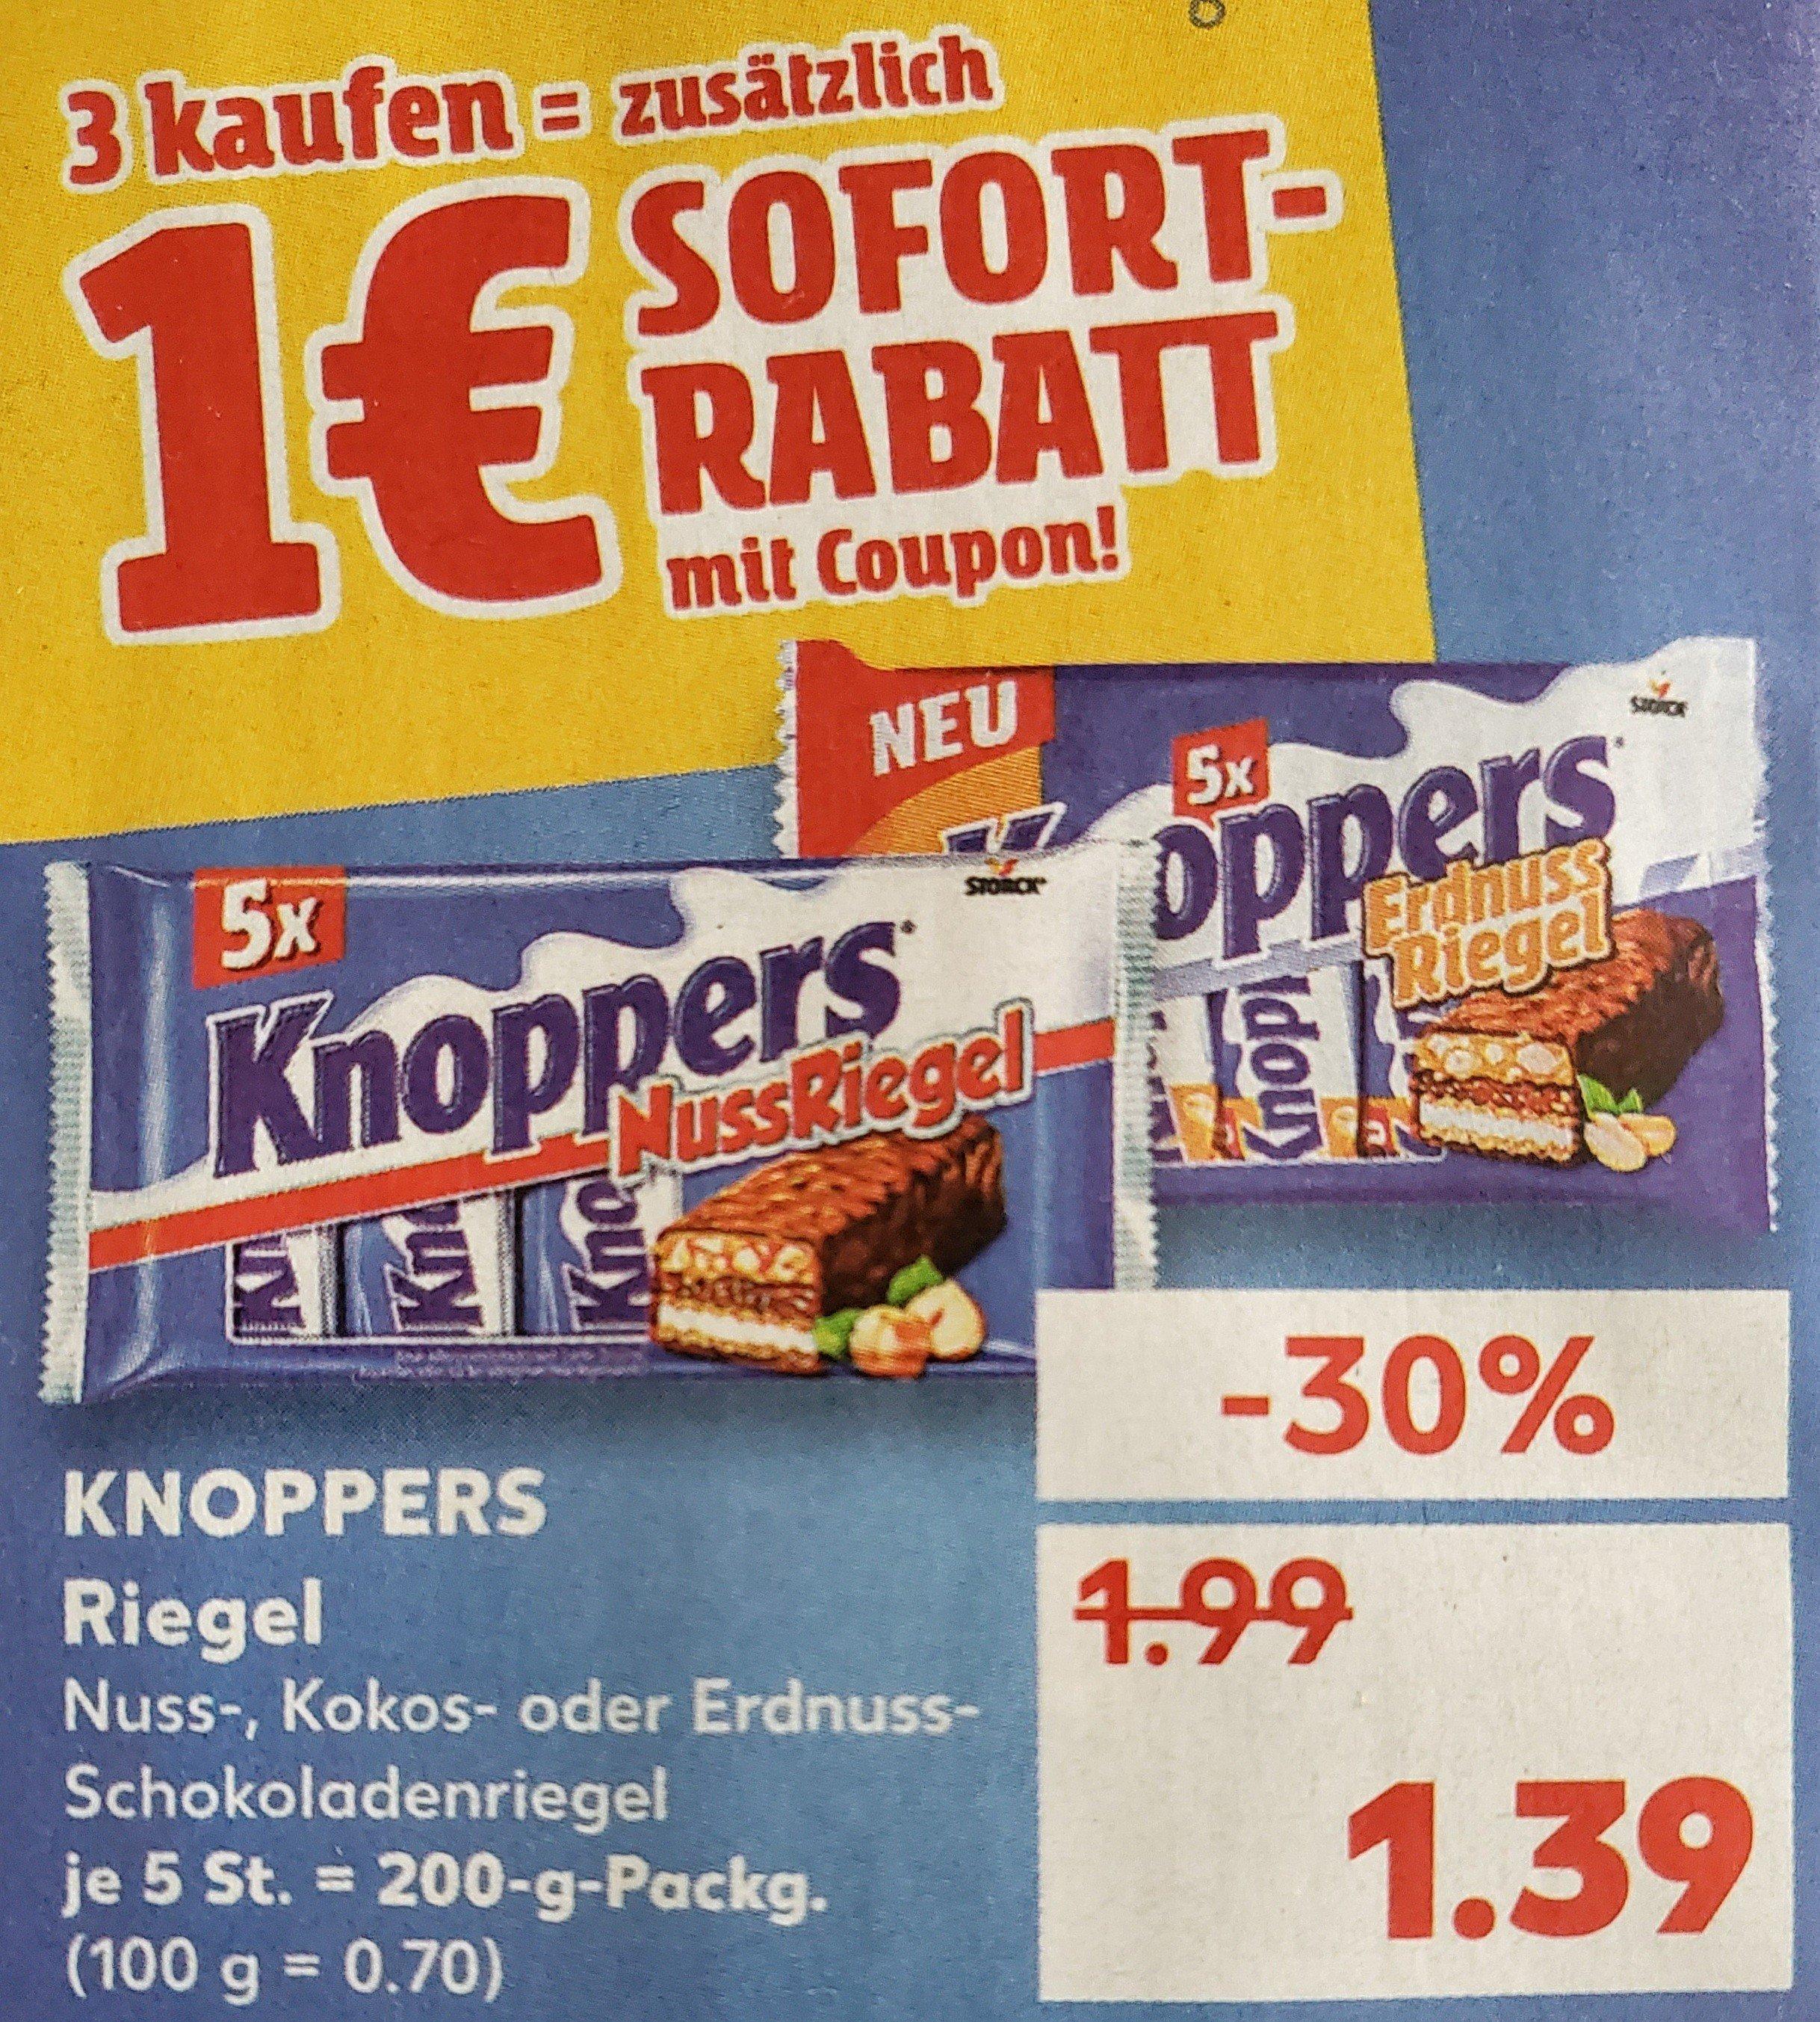 3x KNOPPERS Riegel (verschiedene Sorten) für 3,17 € mit Coupon bei Kaufland (1,06 €/5er-Packung)